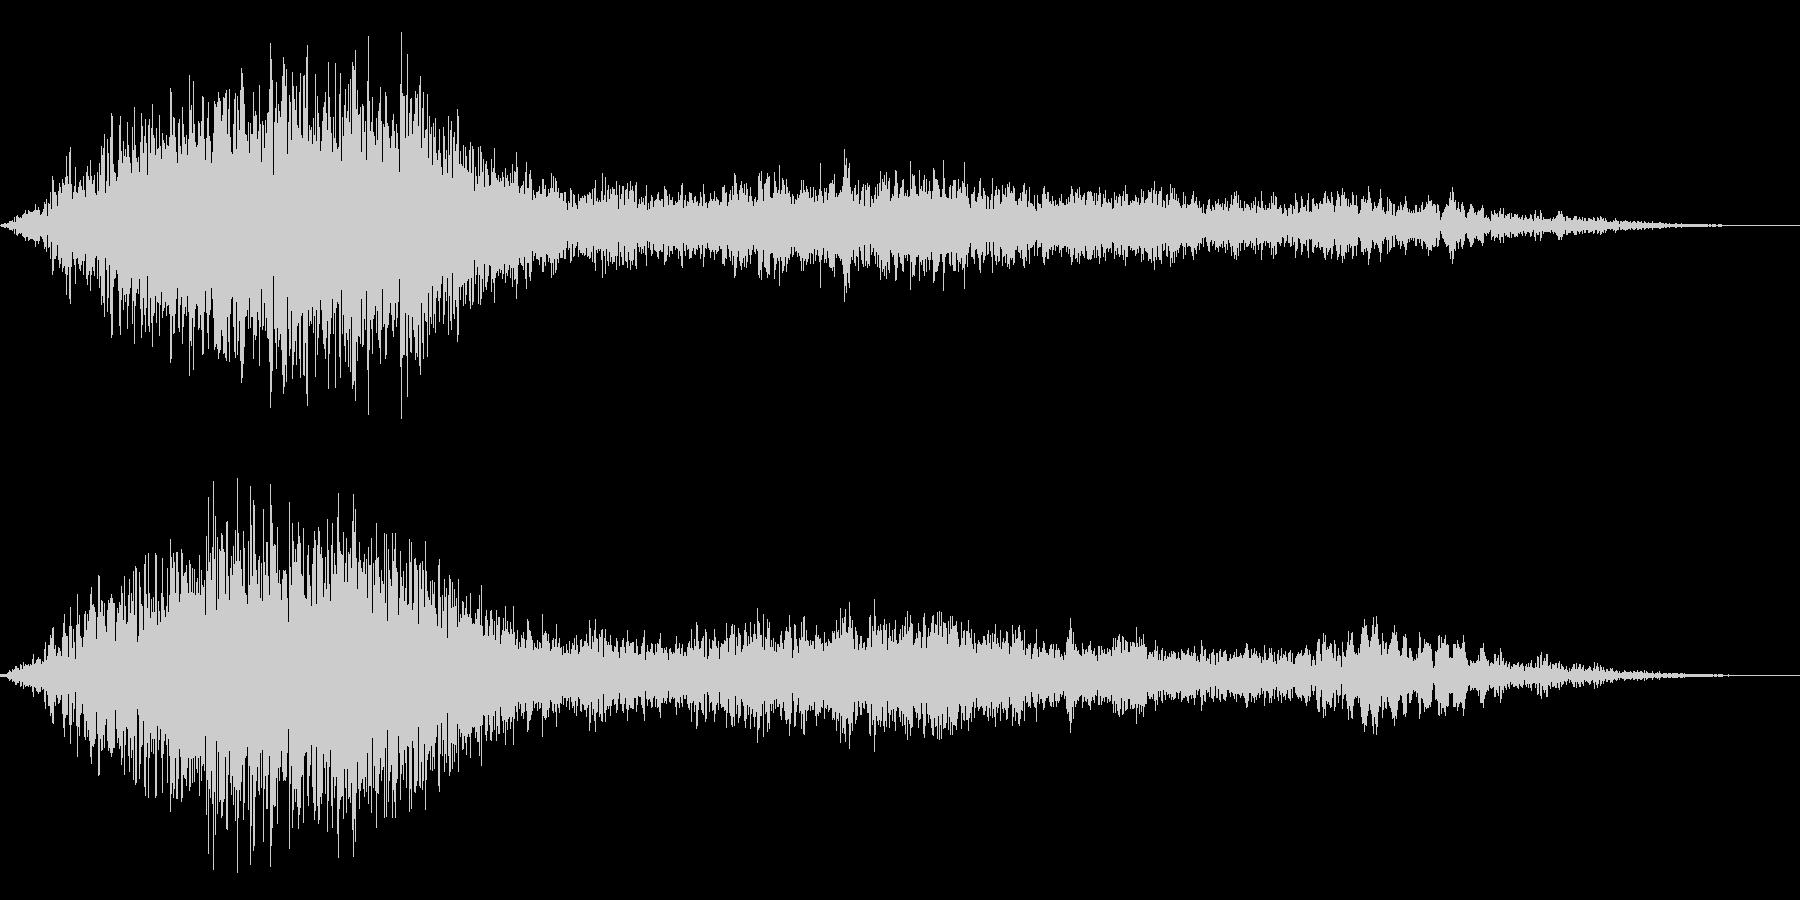 ゾンビのうめき声ウオォォ 尺長めの未再生の波形